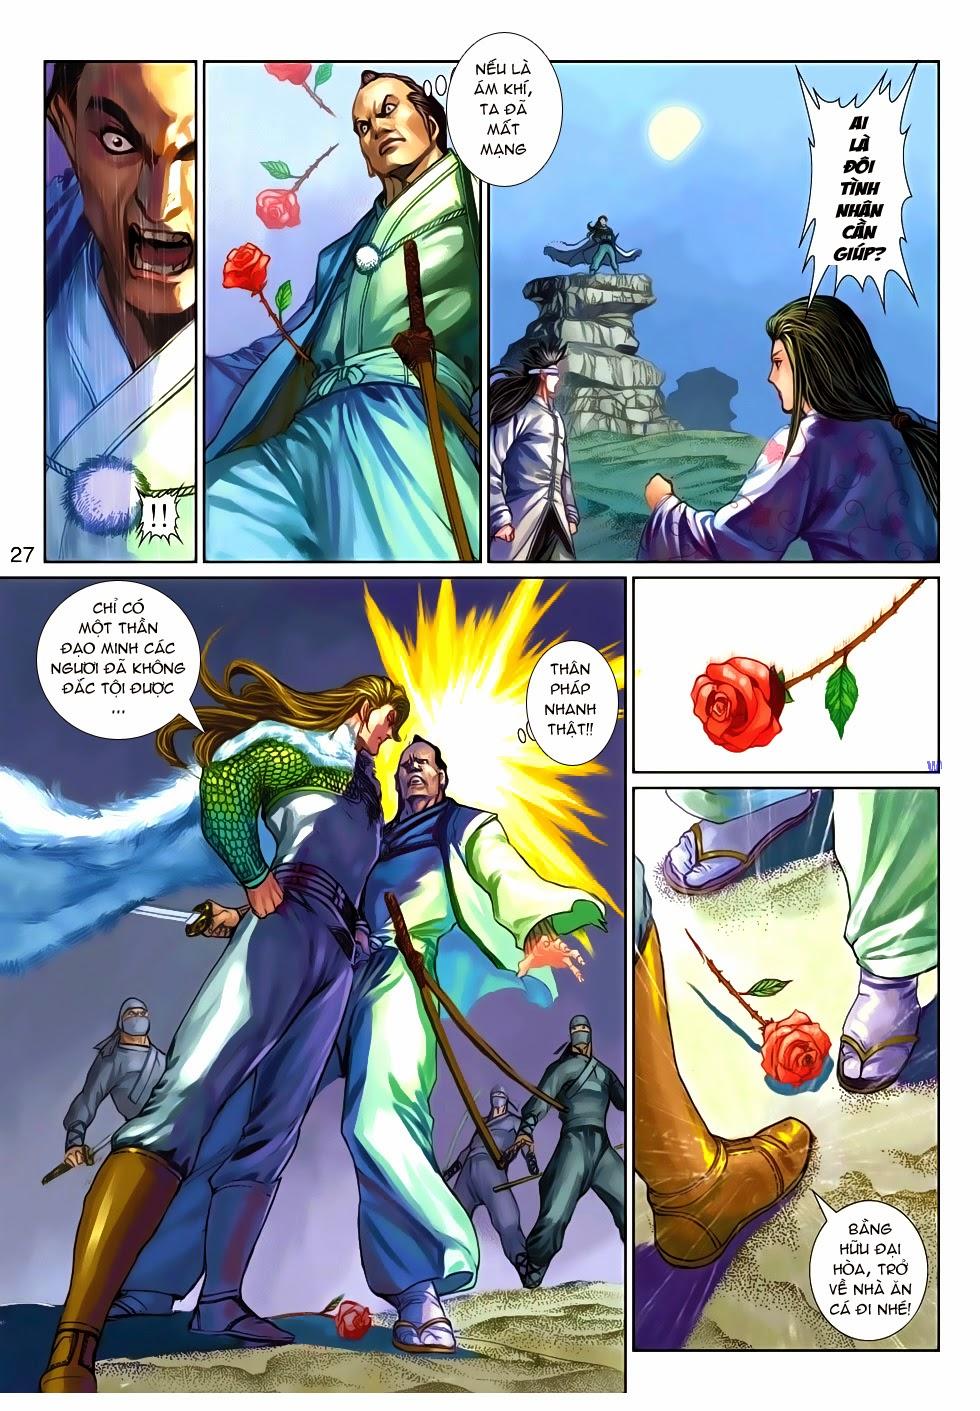 Thần Binh Tiền Truyện 4 - Huyền Thiên Tà Đế chap 9 - Trang 27